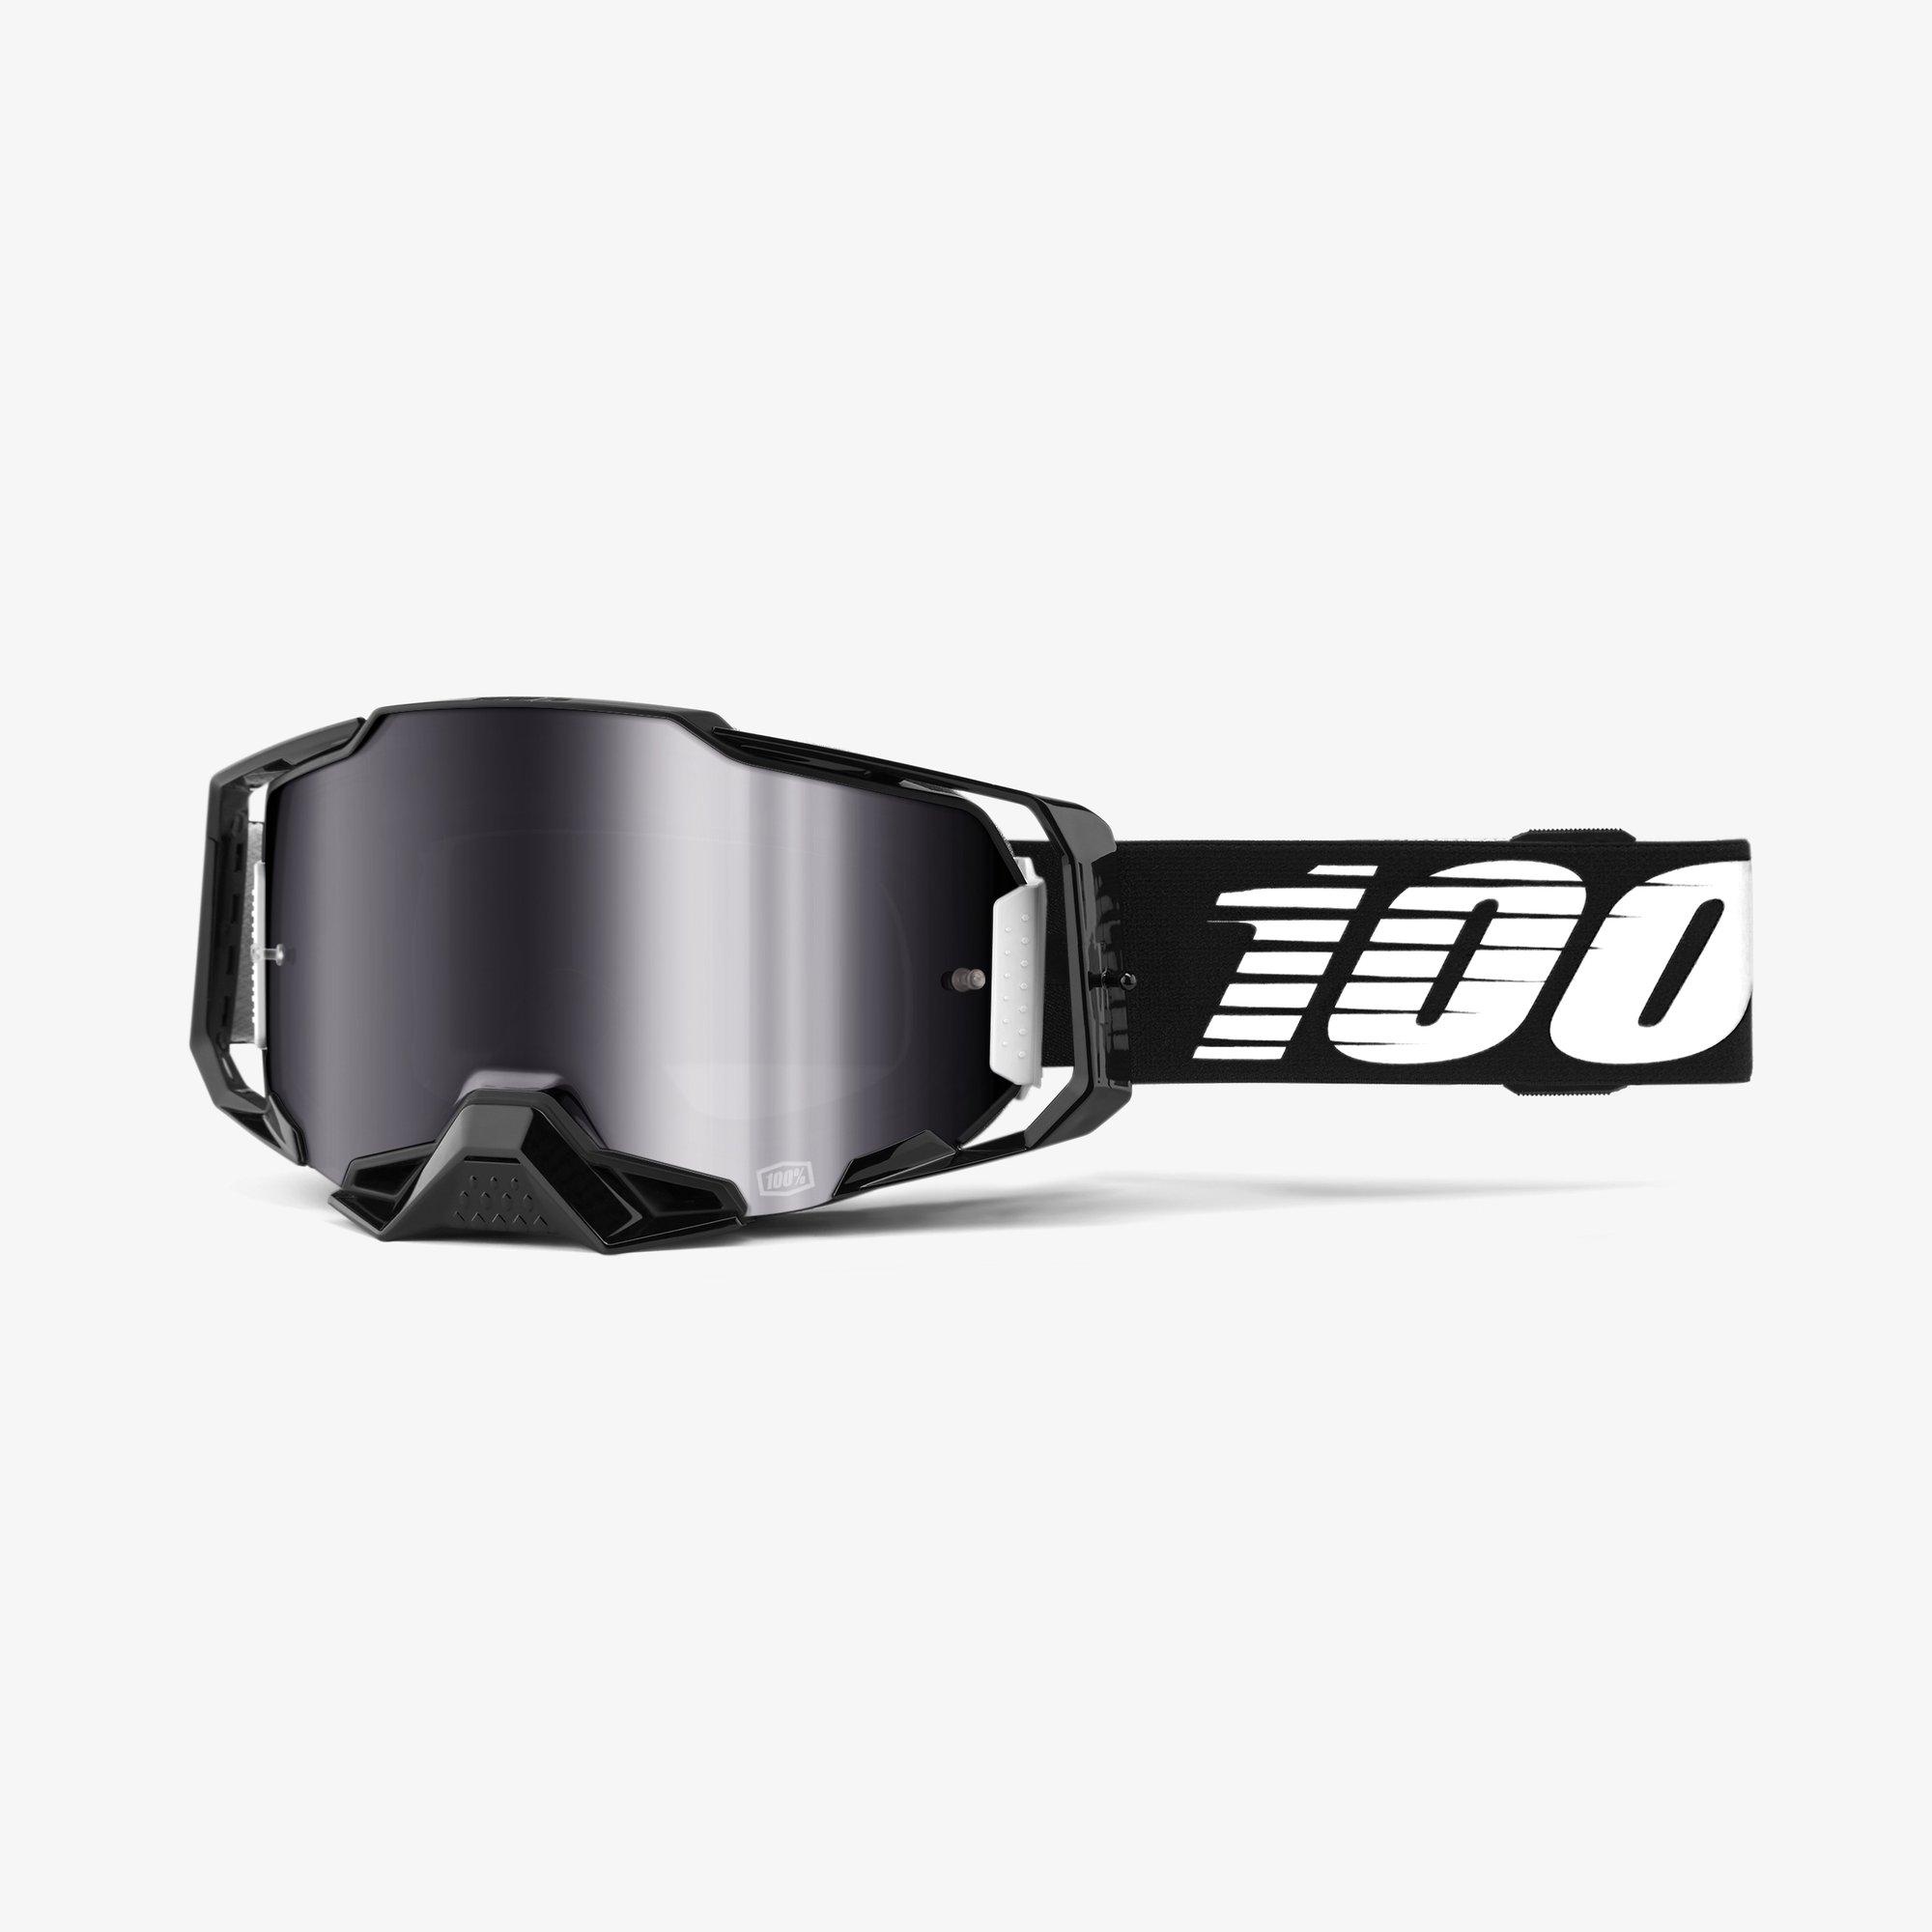 100% Goggle Armega Black Image